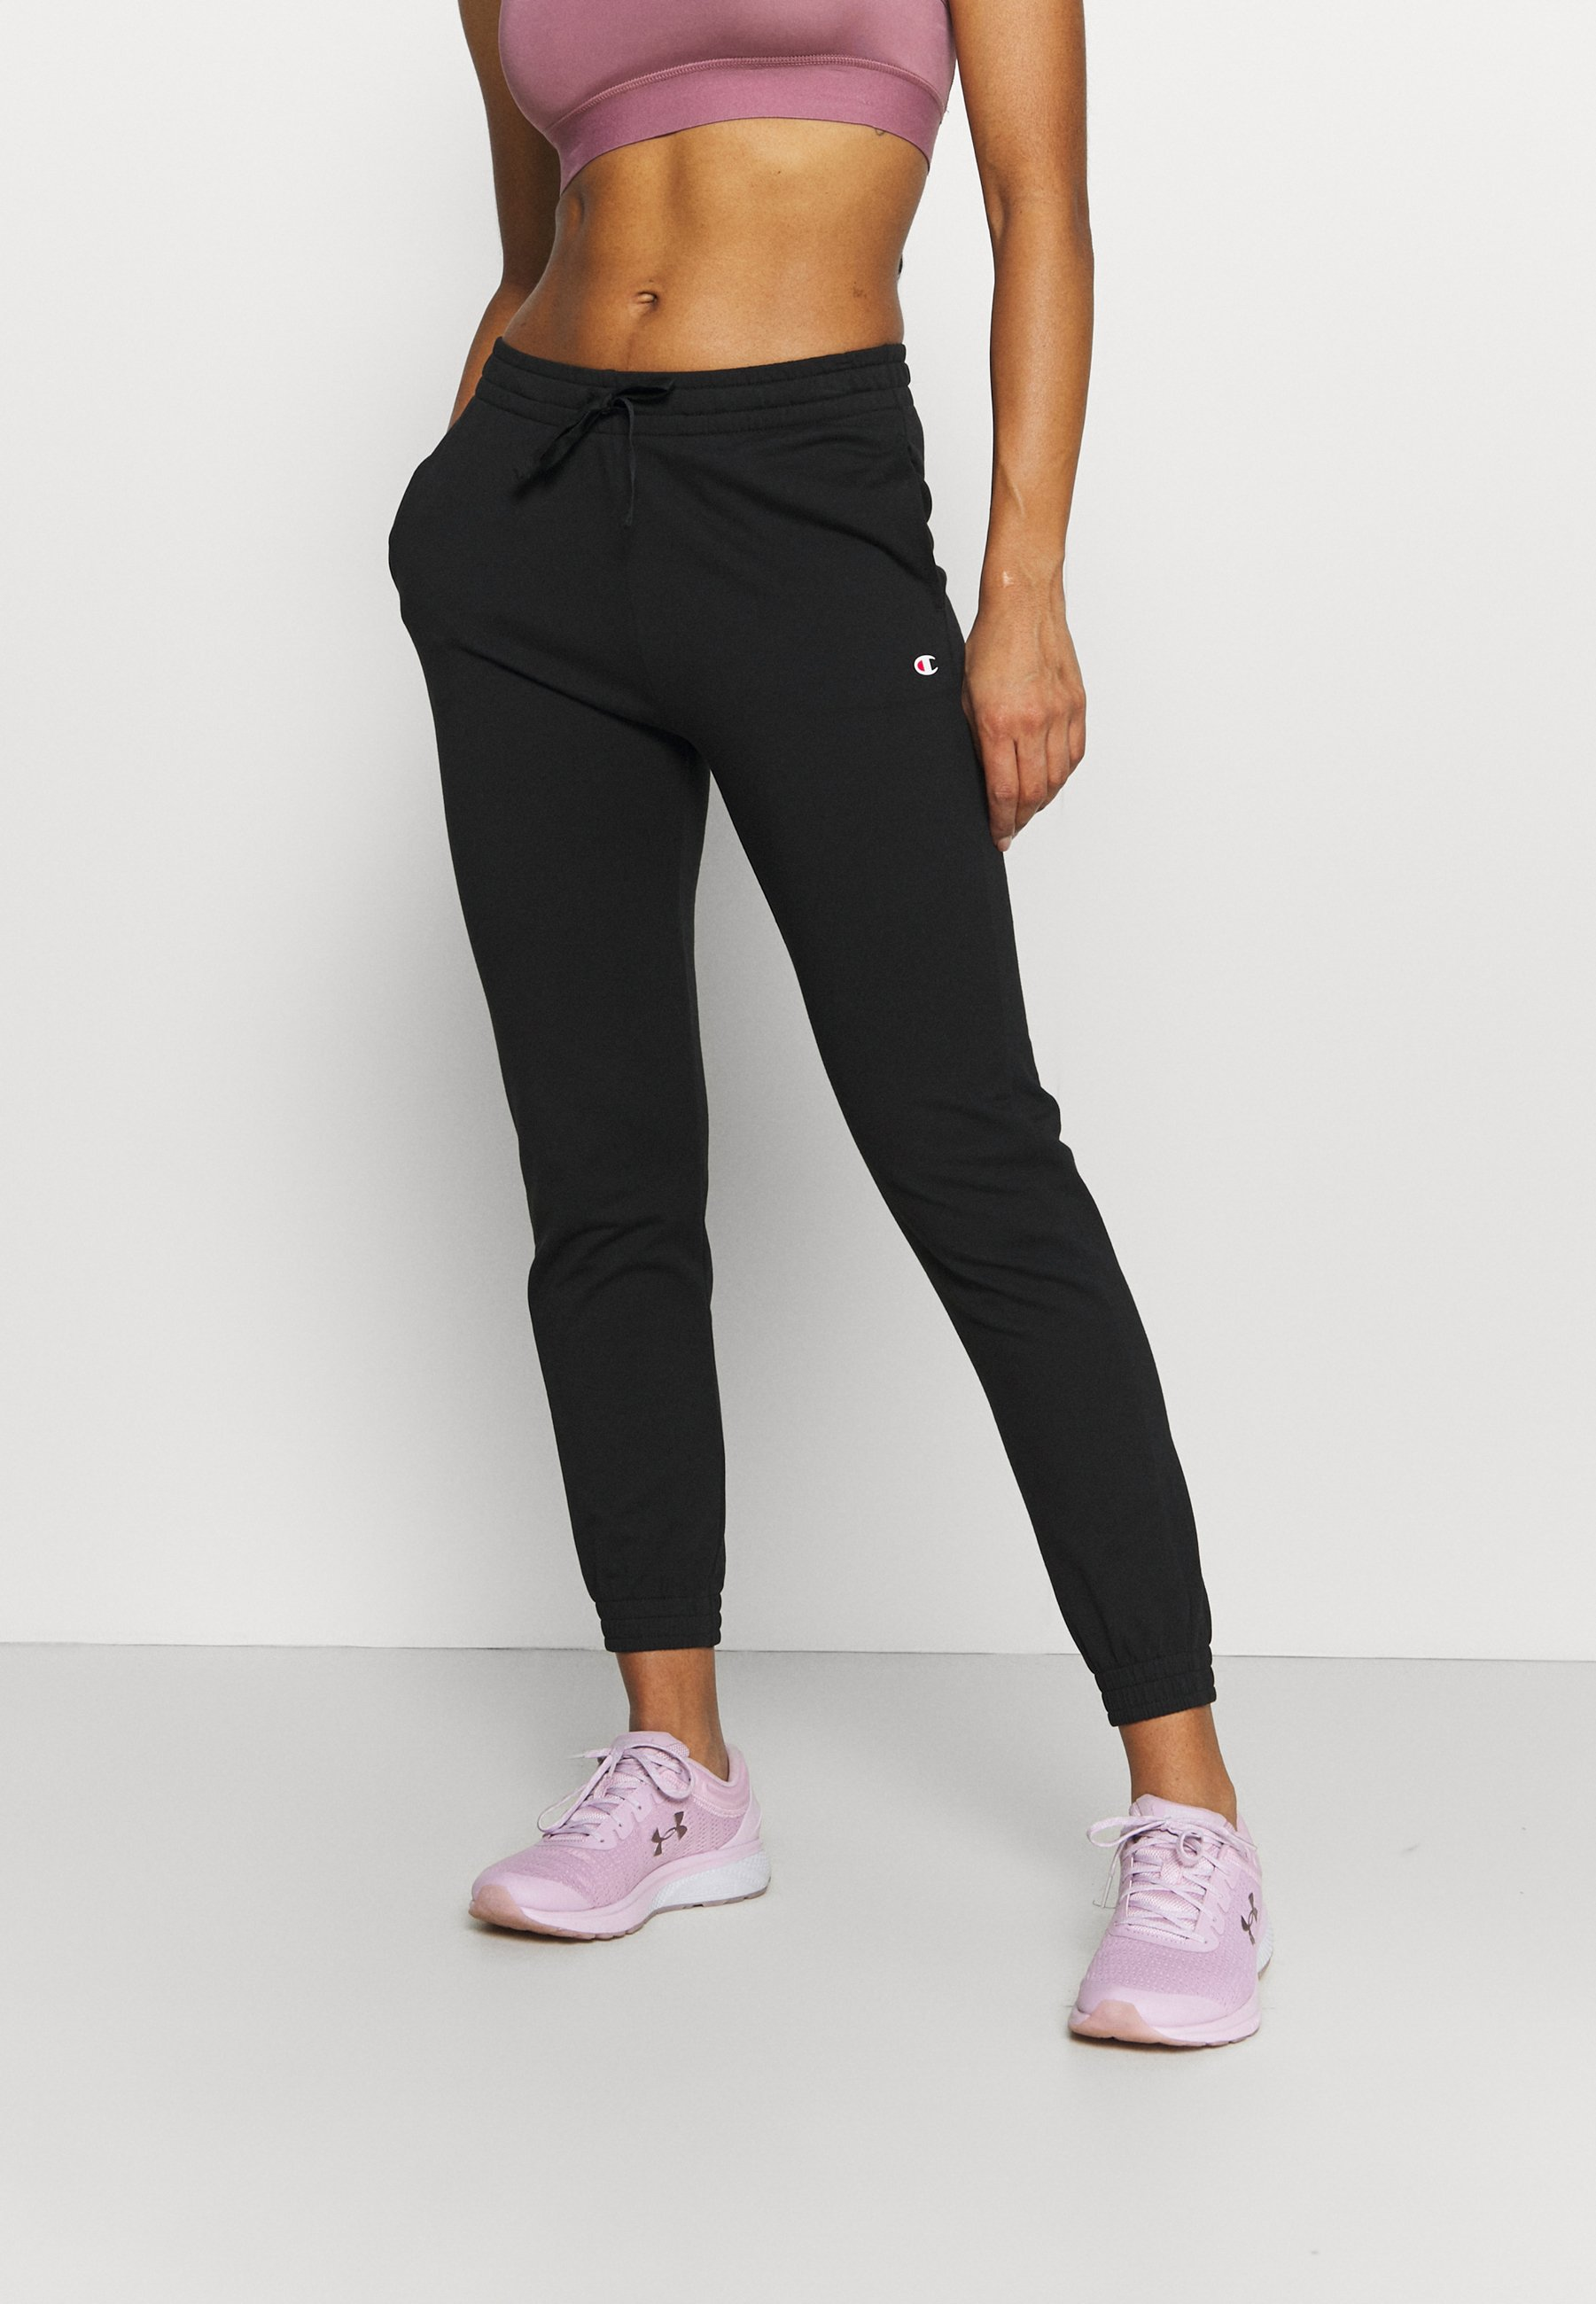 Femme CUFF PANTS - Pantalon de survêtement